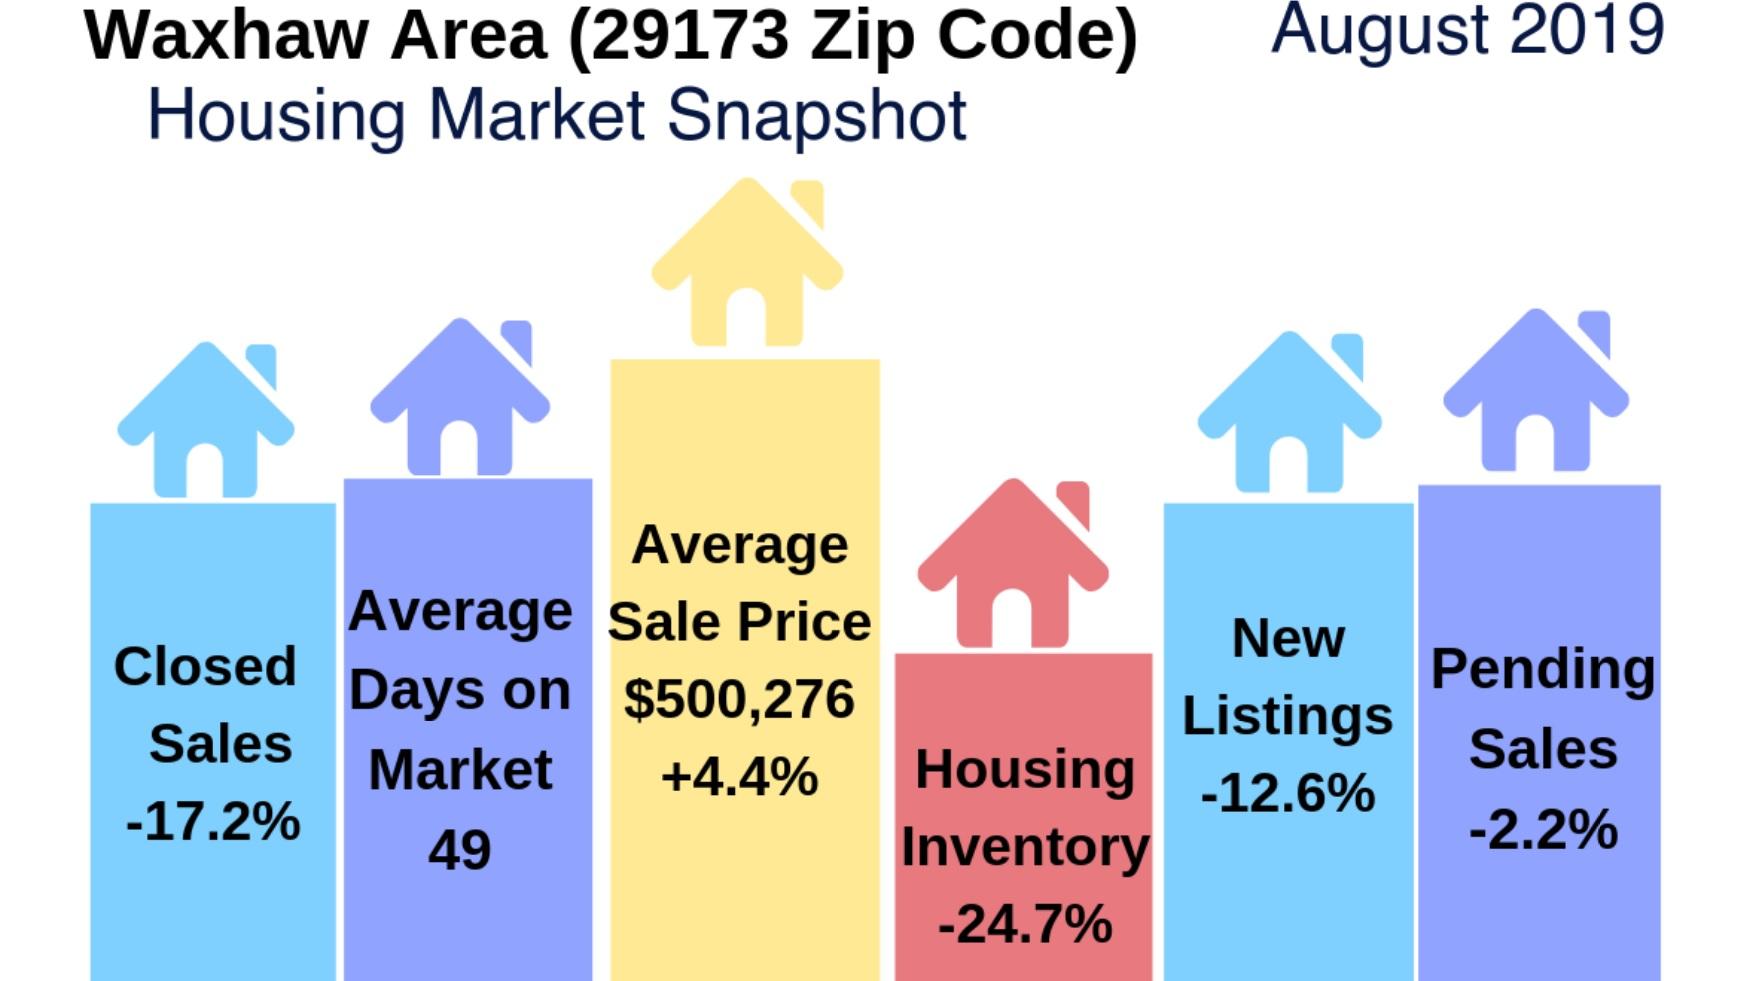 Waxhaw (28173 Zip Code) Real Estate Report: August 2019